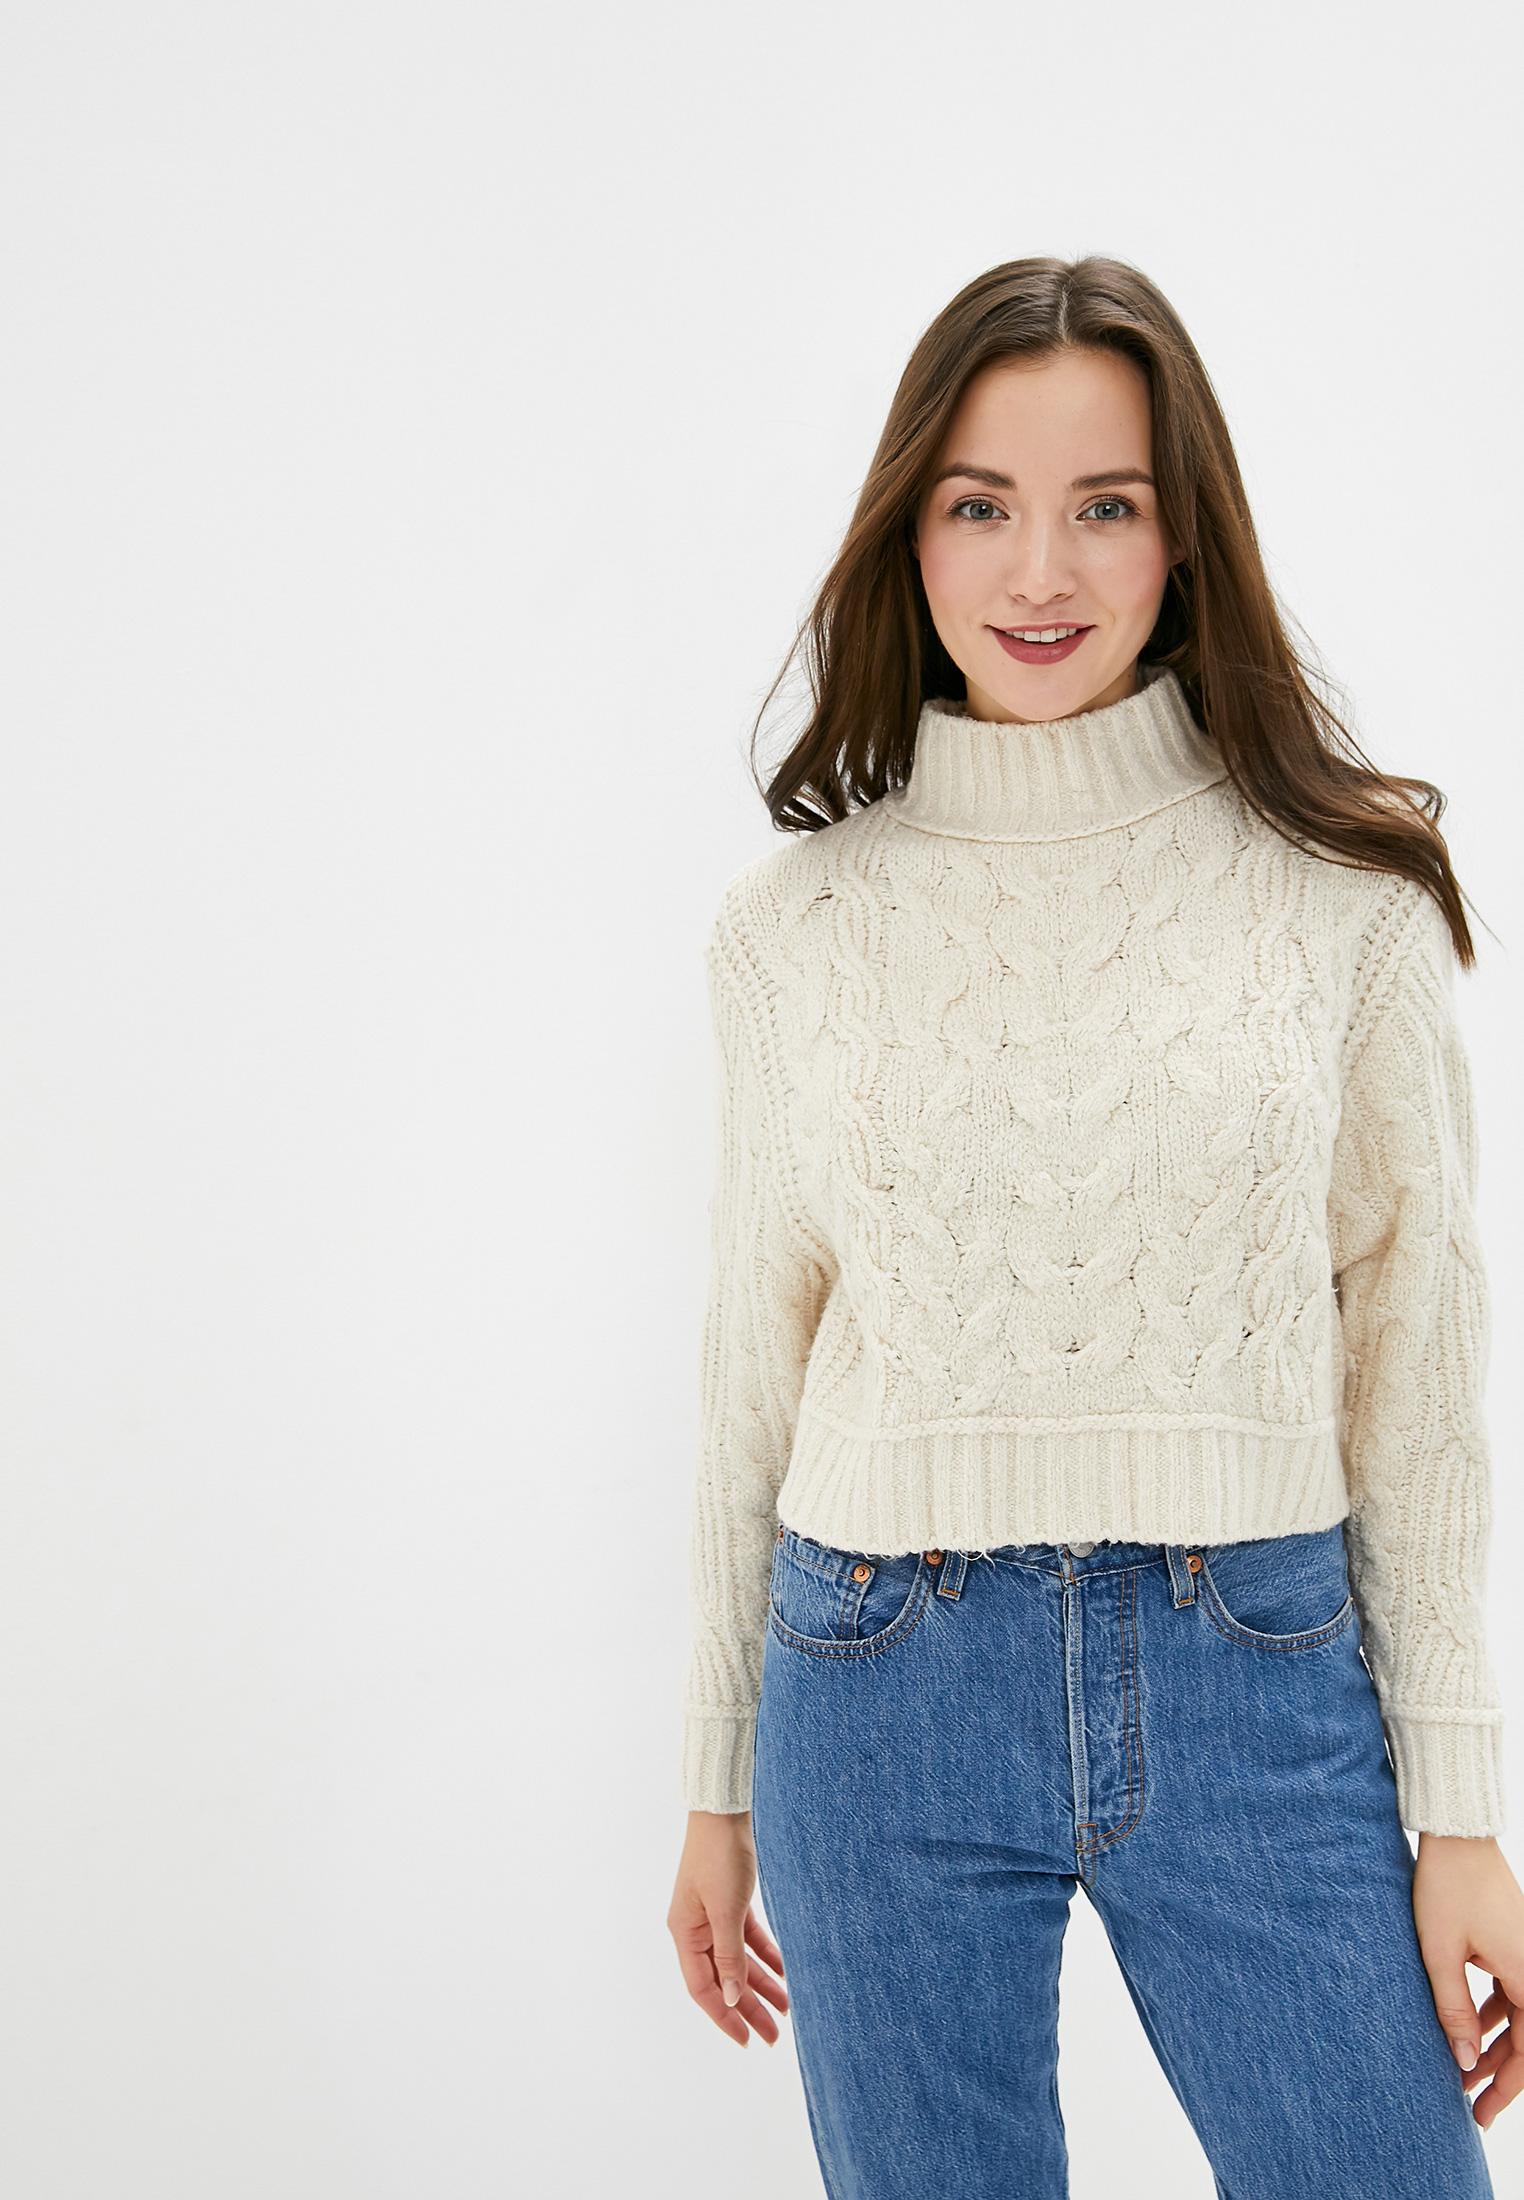 находку какие в моде женские свитера фото клеща кошку нужно